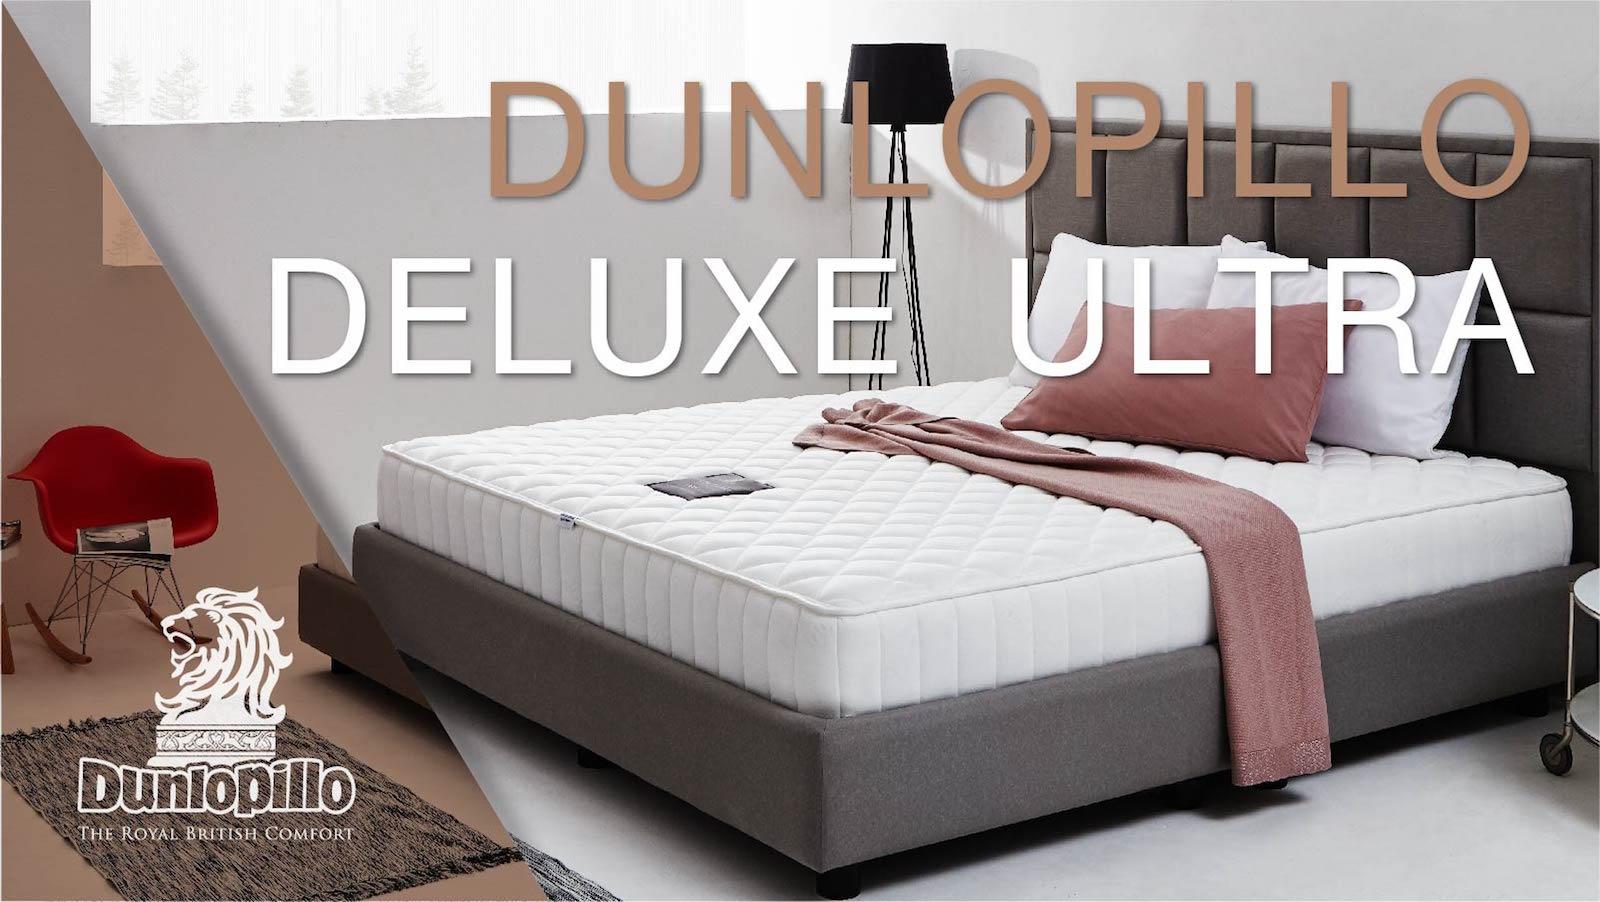 ที่นอน Dunlopillo รุ่น Deluxe Ultra